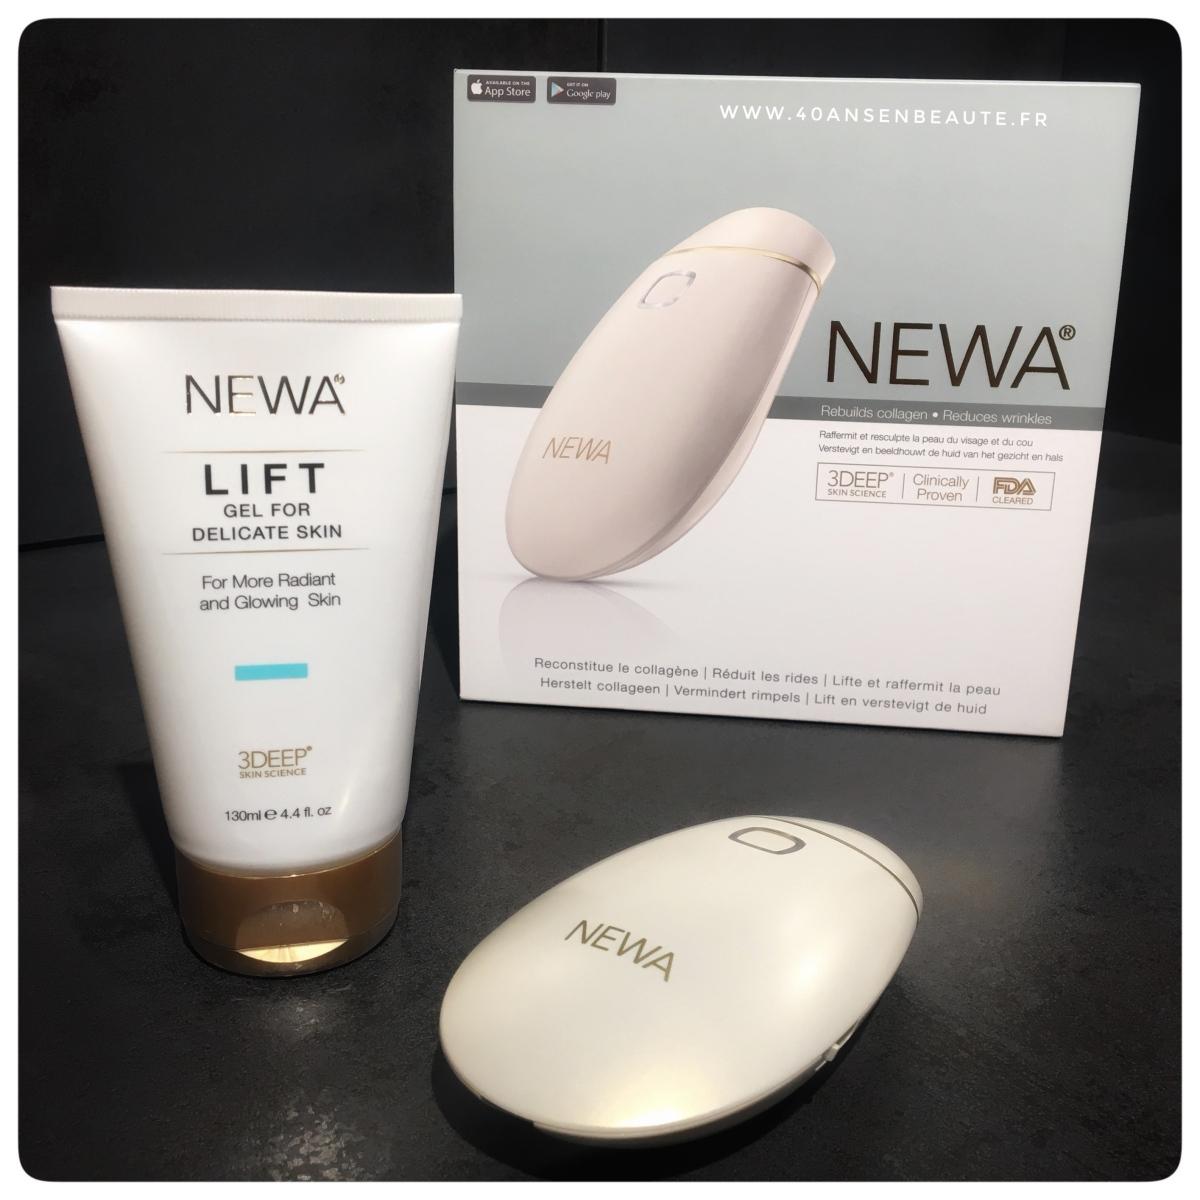 NEWA : à utiliser dès 30 ans pour raffermir, lisser la peau du visage et réduire les rides ...